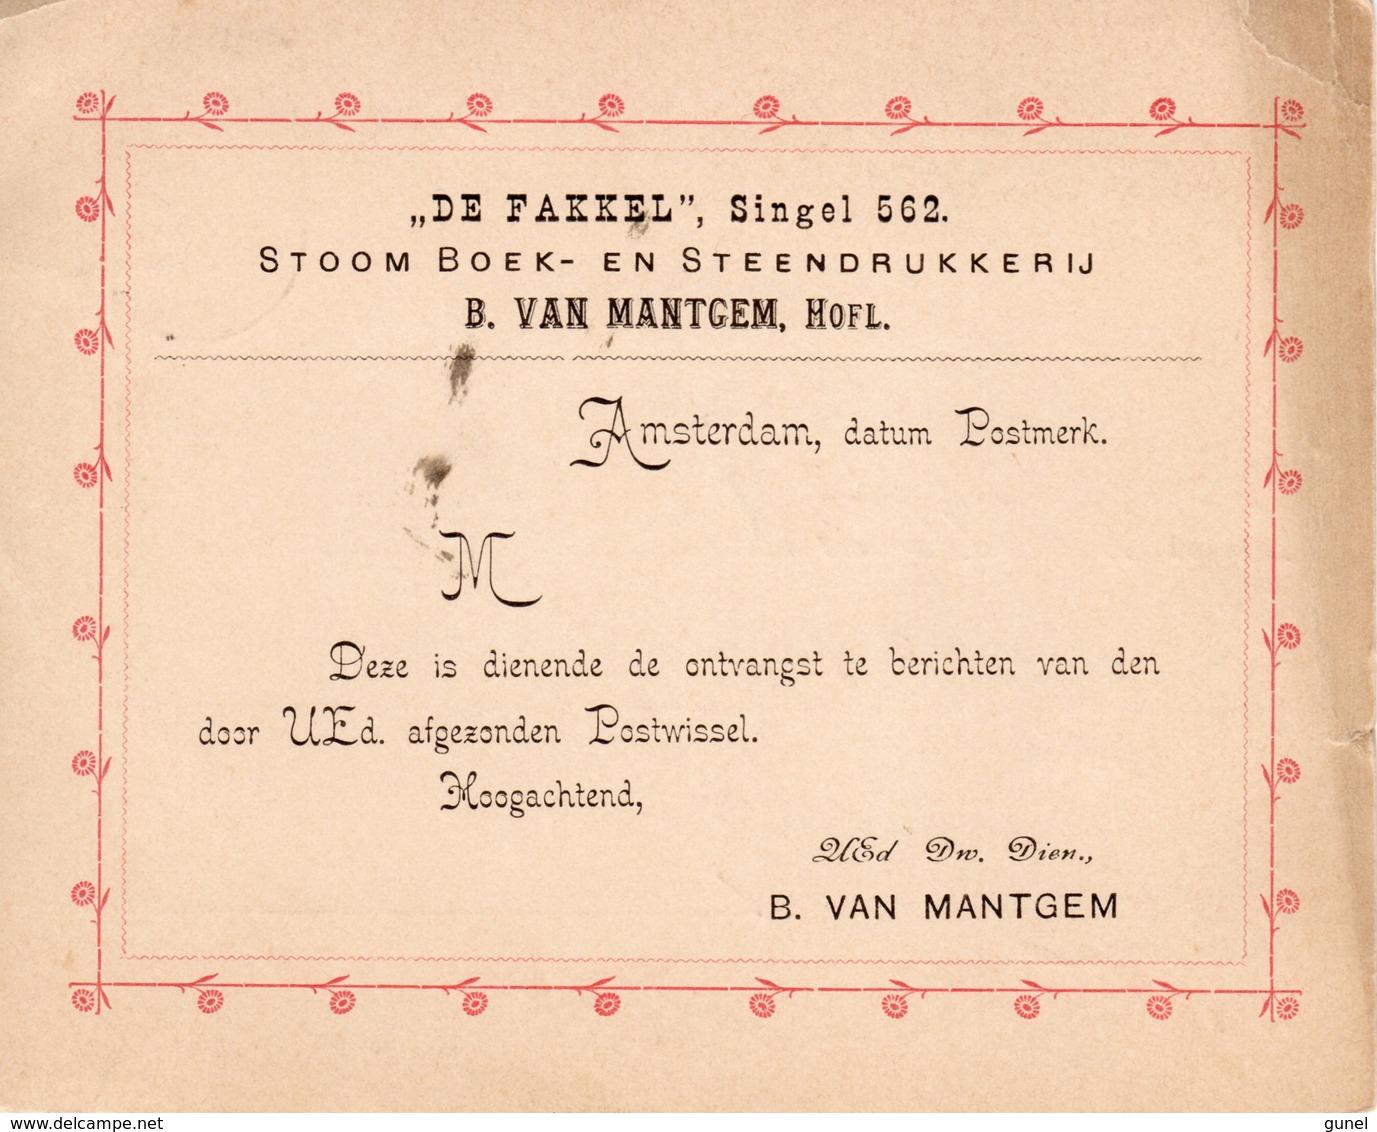 23 JUL 91 Drukwerk Als Ontvangstbevestiging Van Een Postwissel Van Amsterdam Naar Middelburg Met NVPH31 - Brieven En Documenten